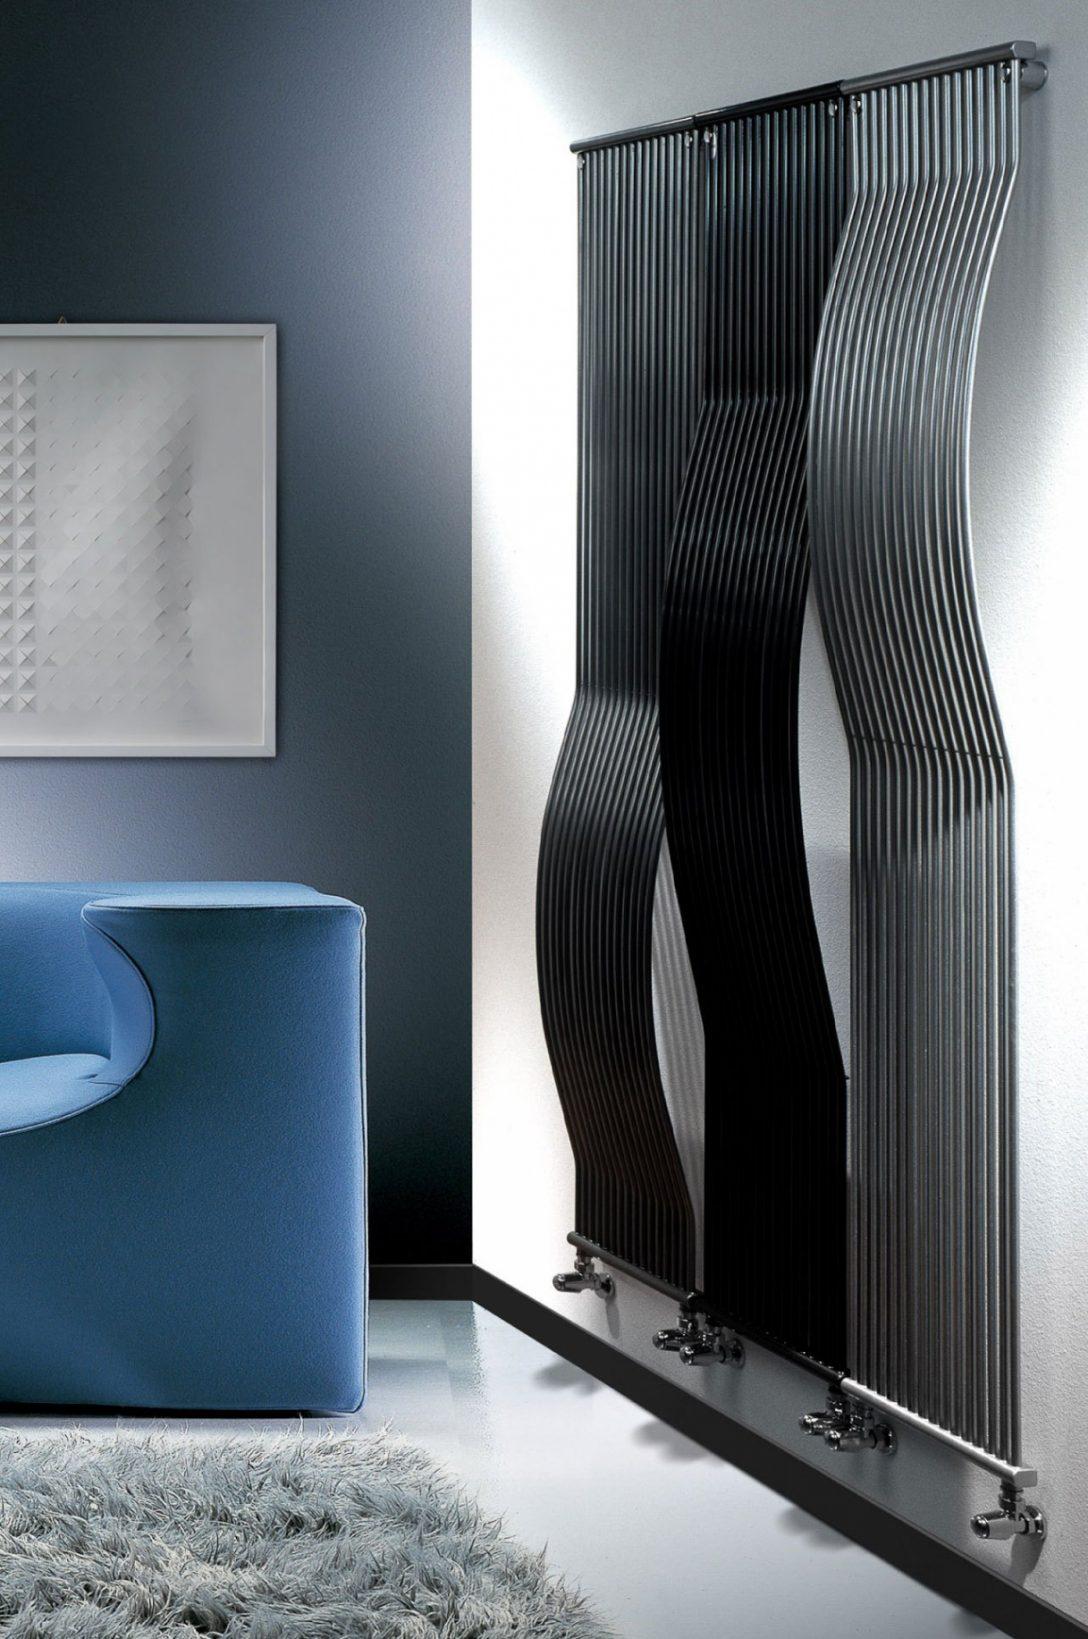 Large Size of Designer Heizkorper Wohnzimmer Minimalist Collectionjobs   Alte Heizkörper Verkleiden Wohnzimmer Heizkörper Wohnzimmer